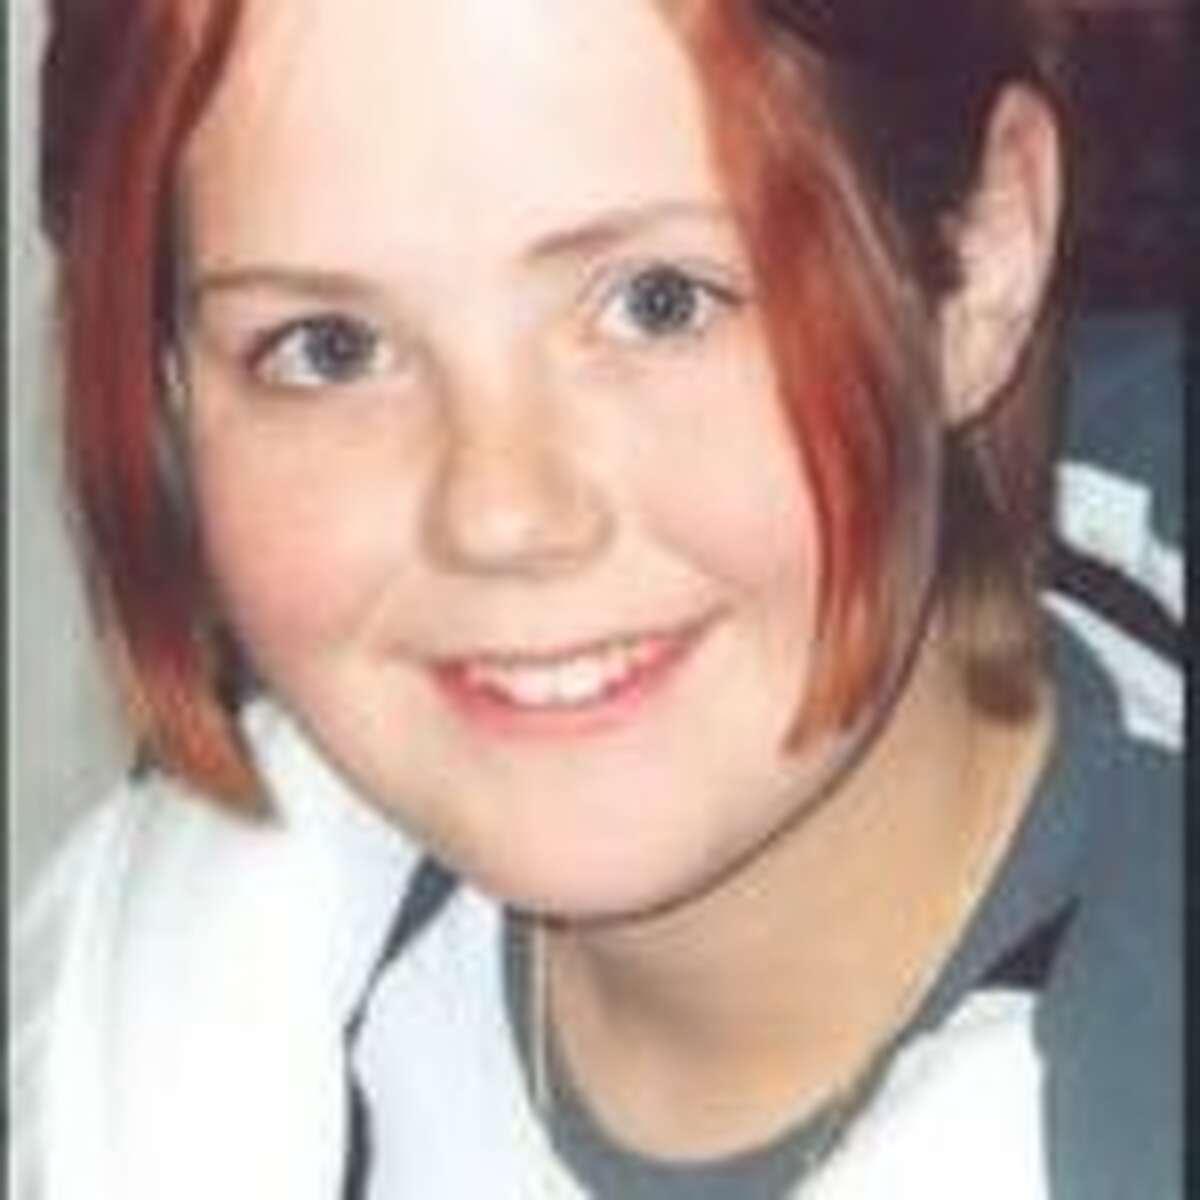 Eighteen-year-old Jennifer